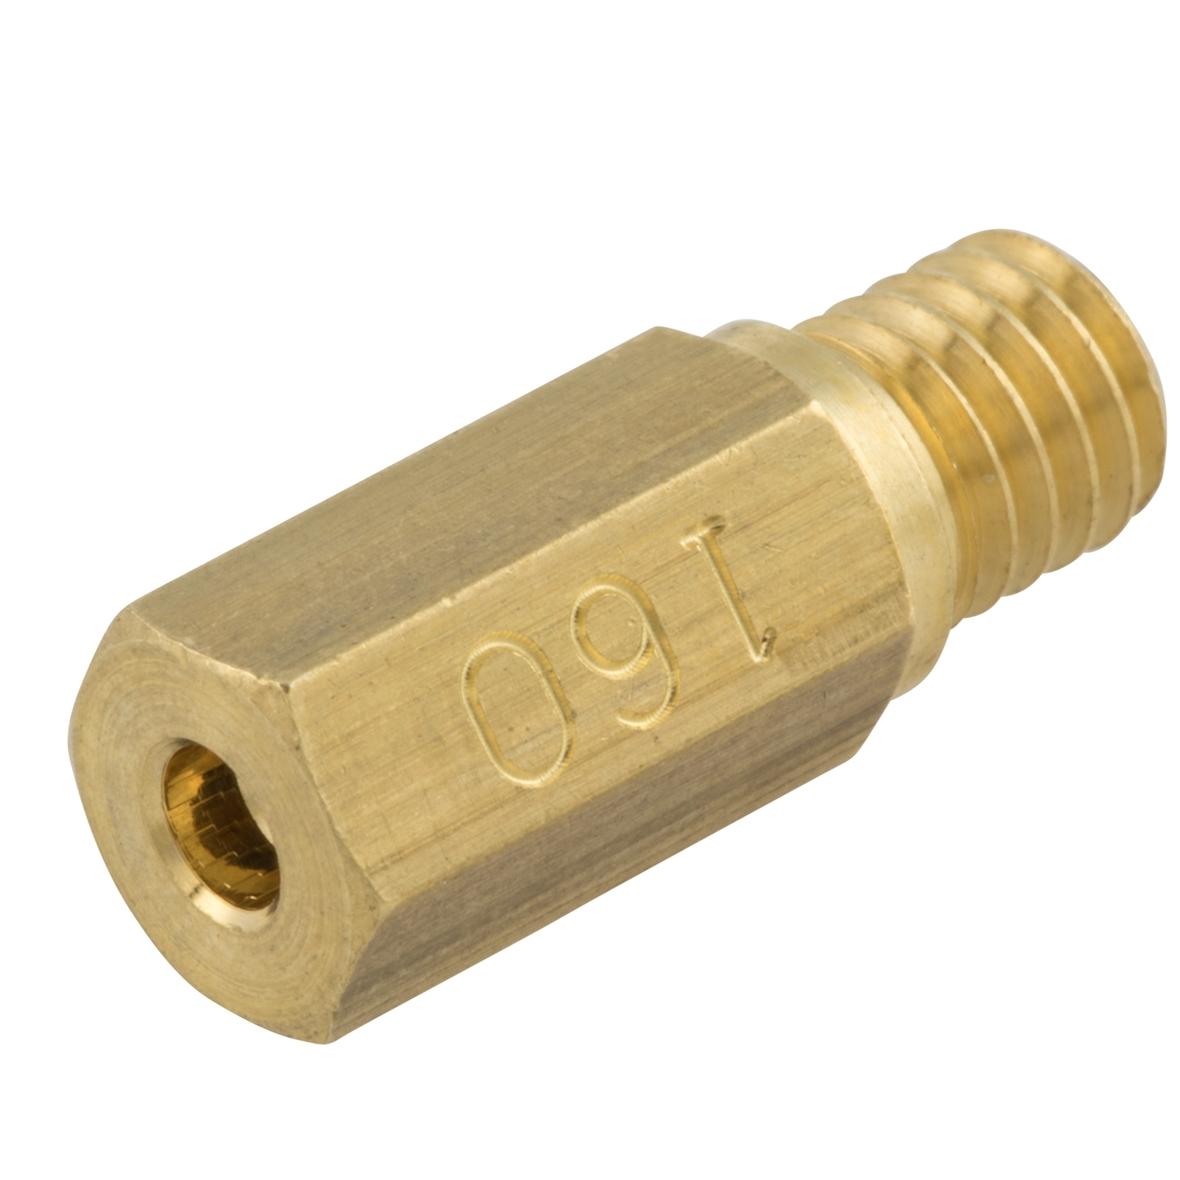 Productafbeelding voor 'Sproeier KMT 138 Ø 6 mmTitle'